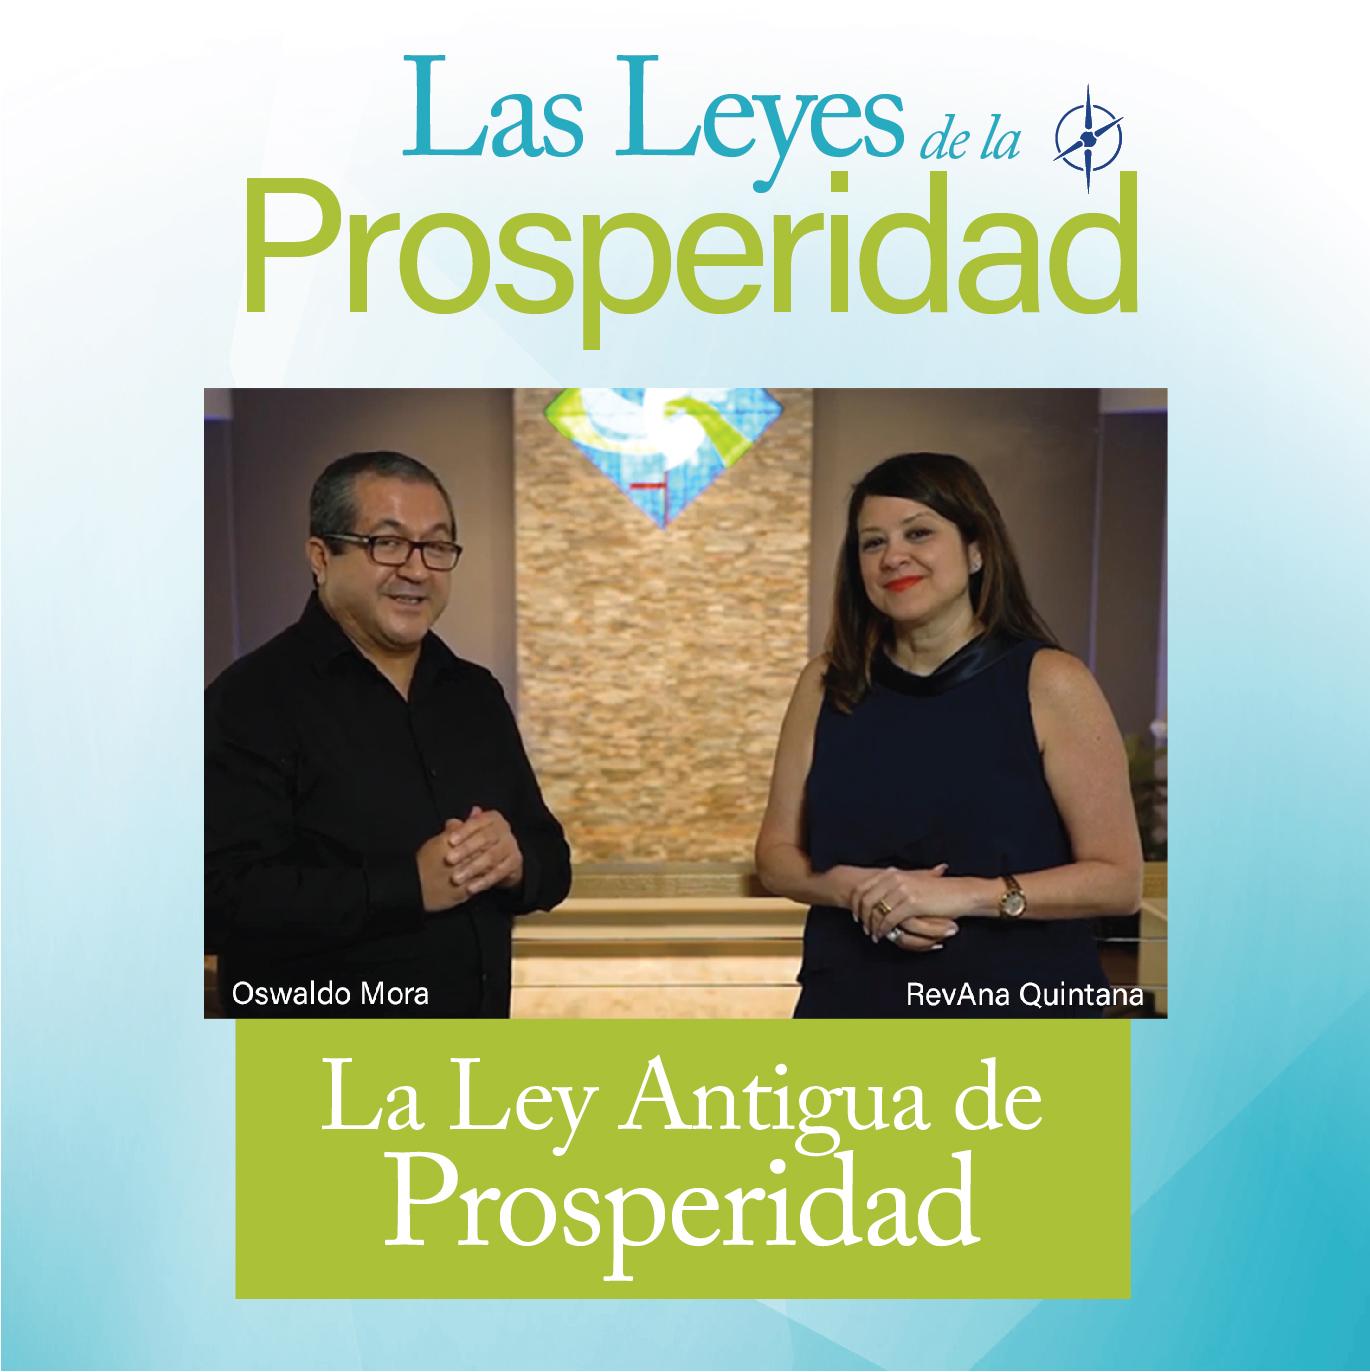 La Ley Antigua de Prosperidad